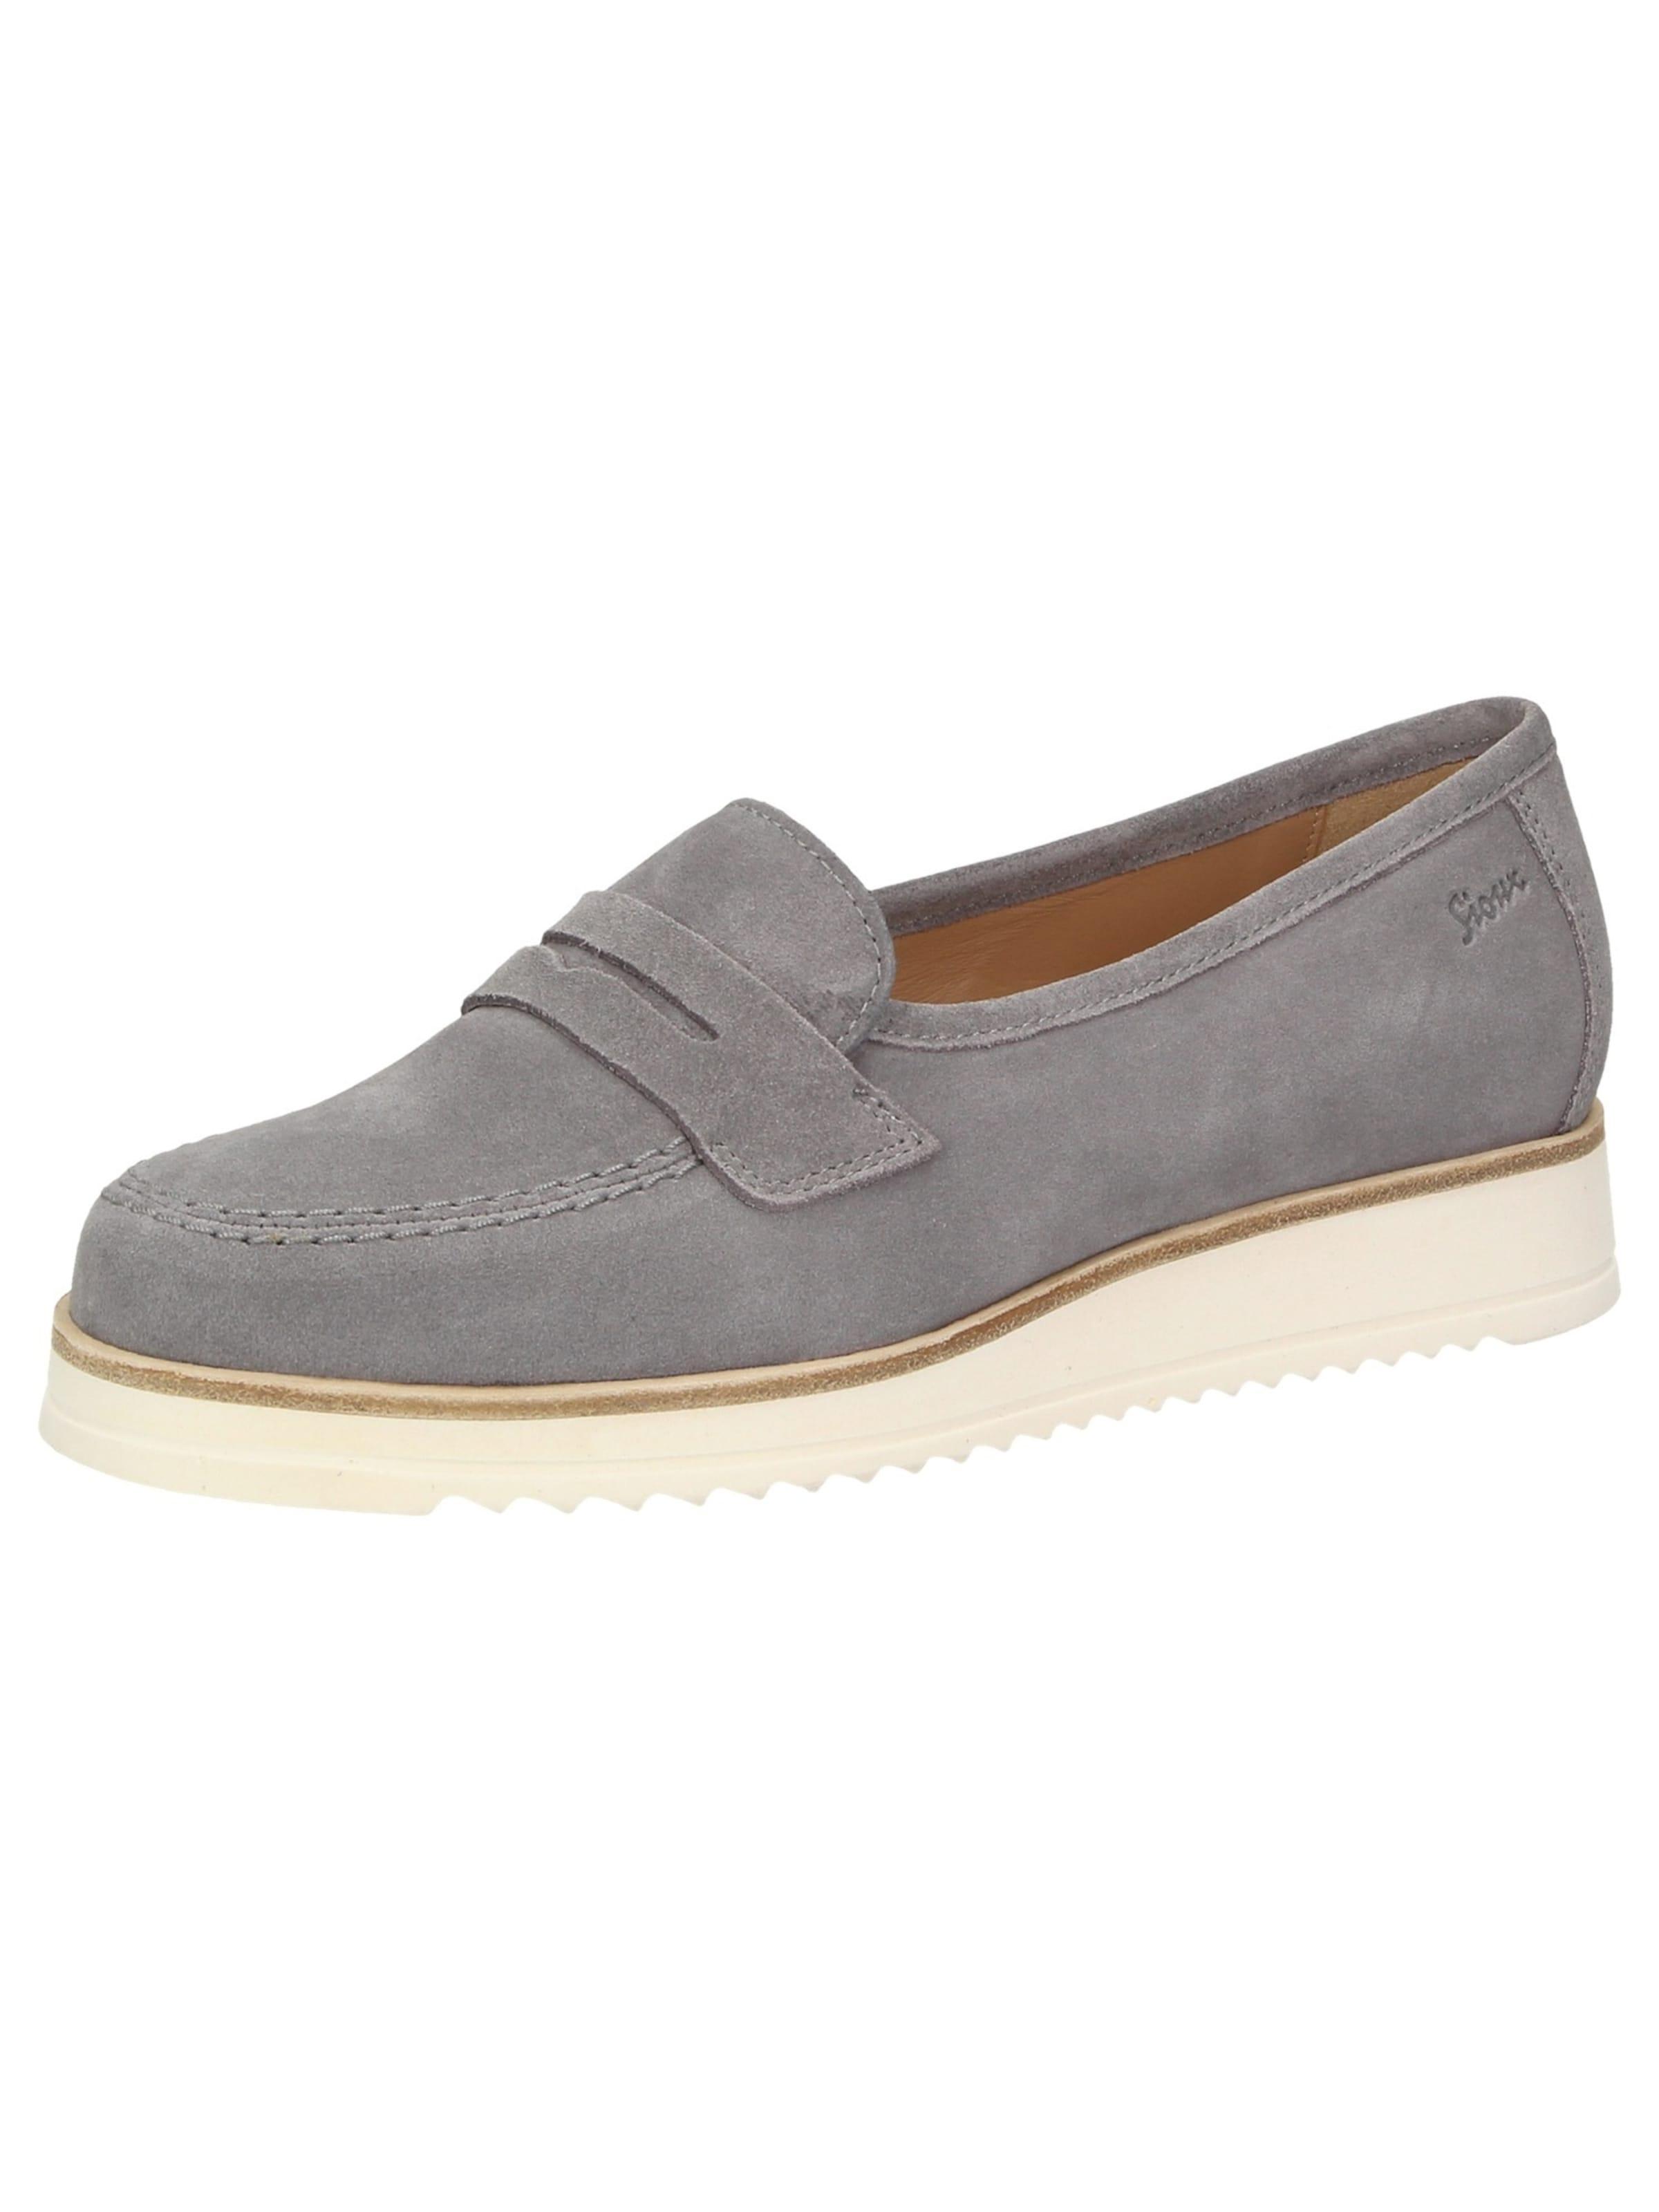 SIOUX Slipper Velisca-700 Verschleißfeste billige Schuhe